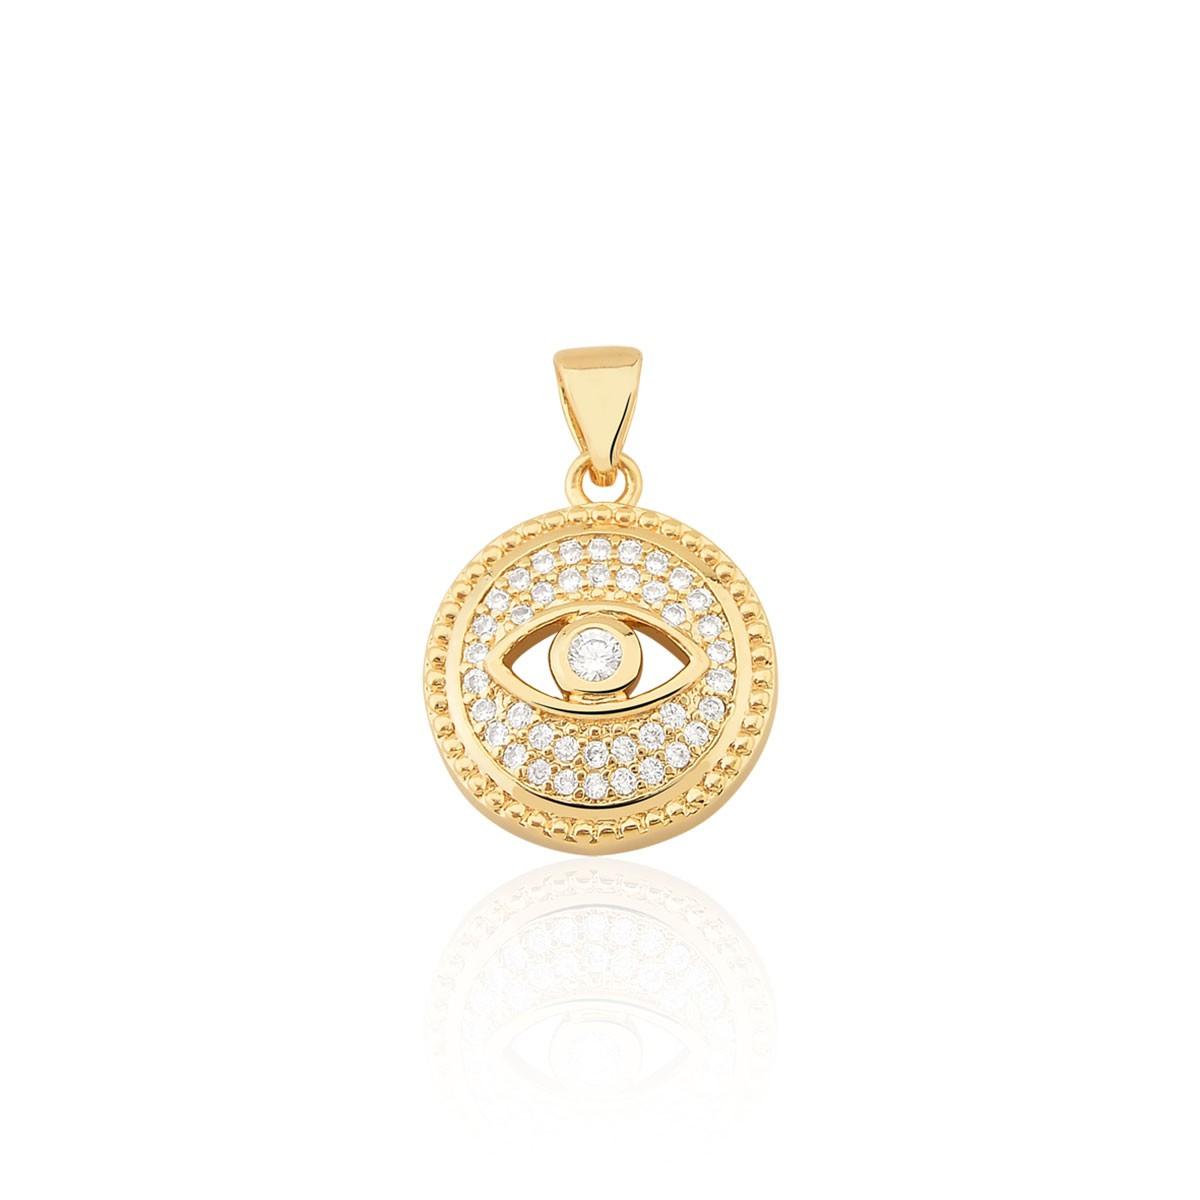 Pingente Olho Grego Com Zirconias banhado em ouro